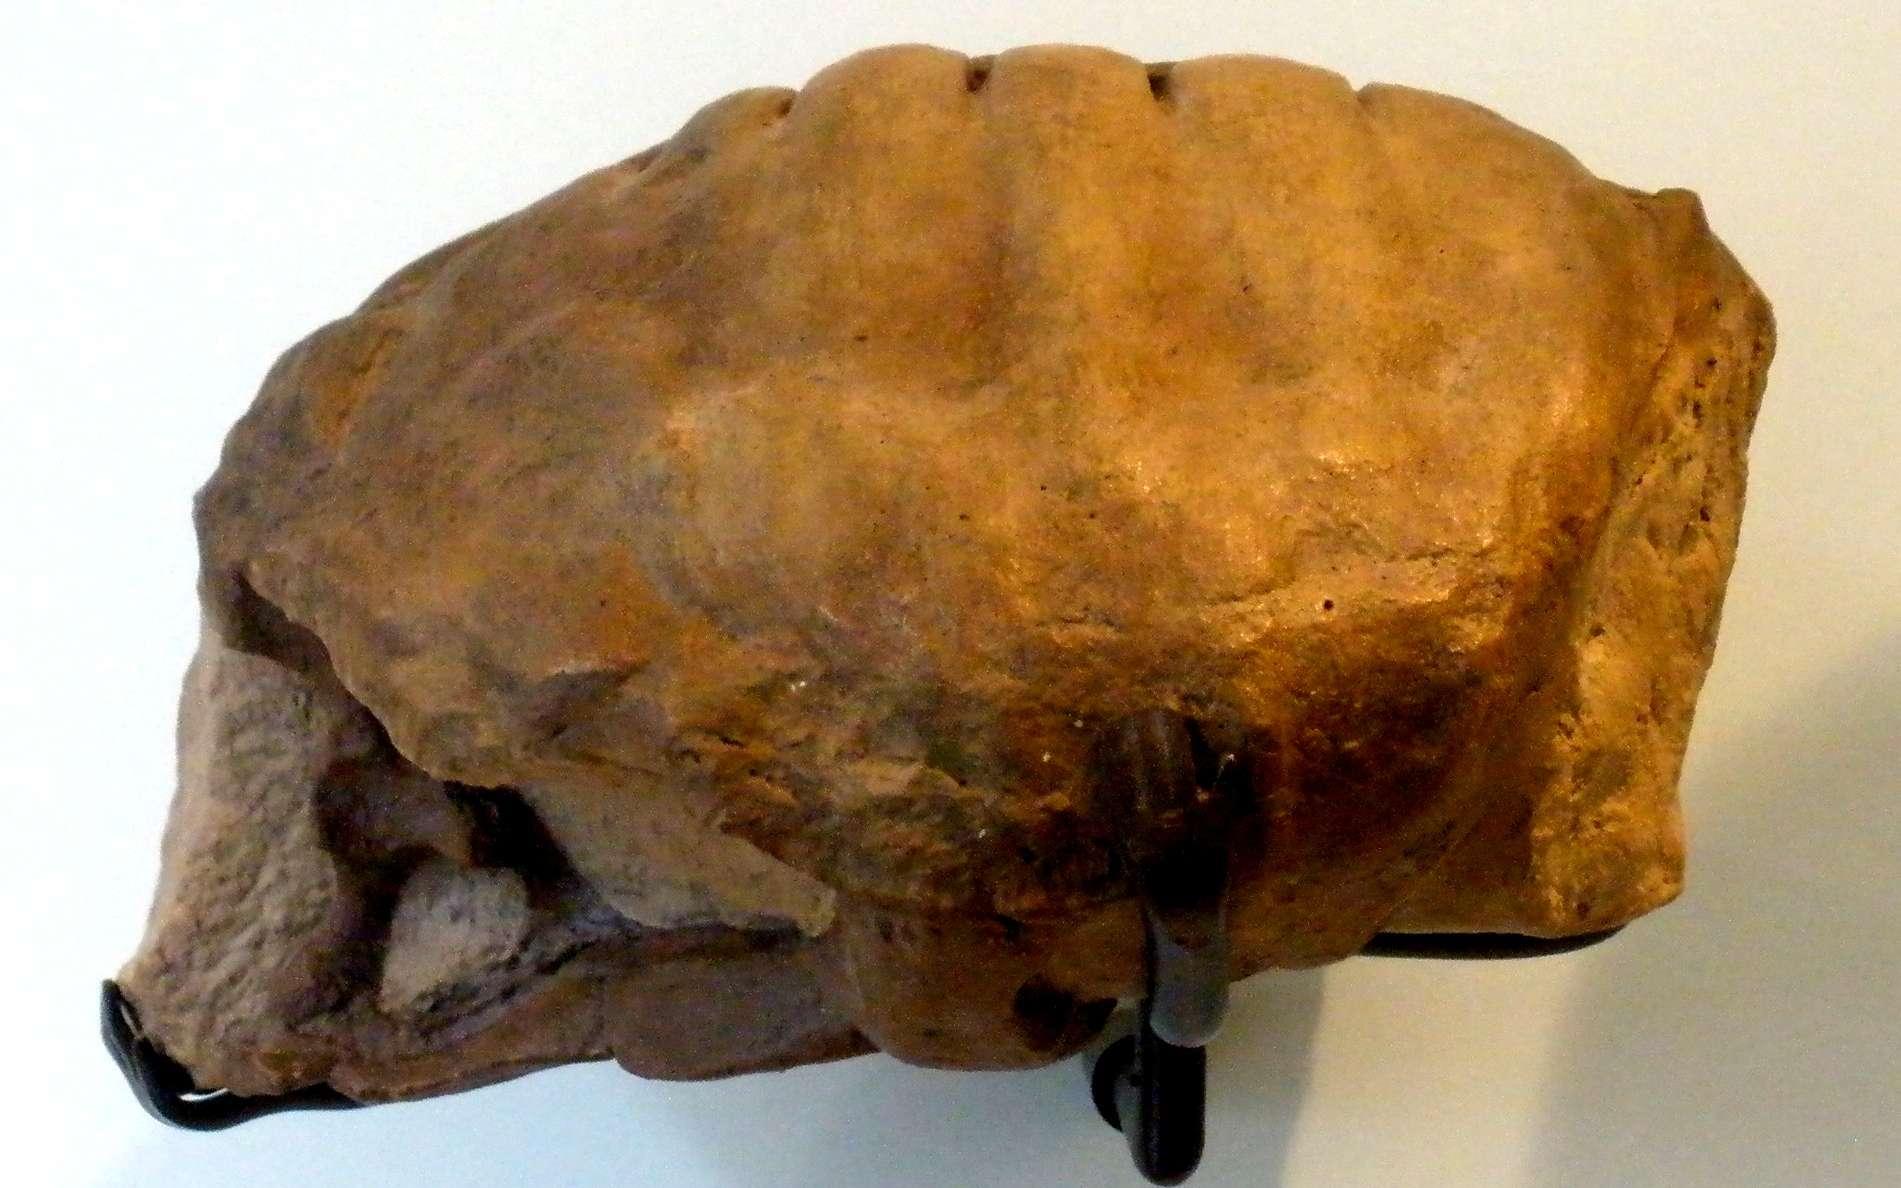 Proterochersis robusta : c'est le premier (et jusqu'alors l'unique) fossile de tortue découvert au XIXe siècle en Allemagne daté du Trias. © Wikipédia